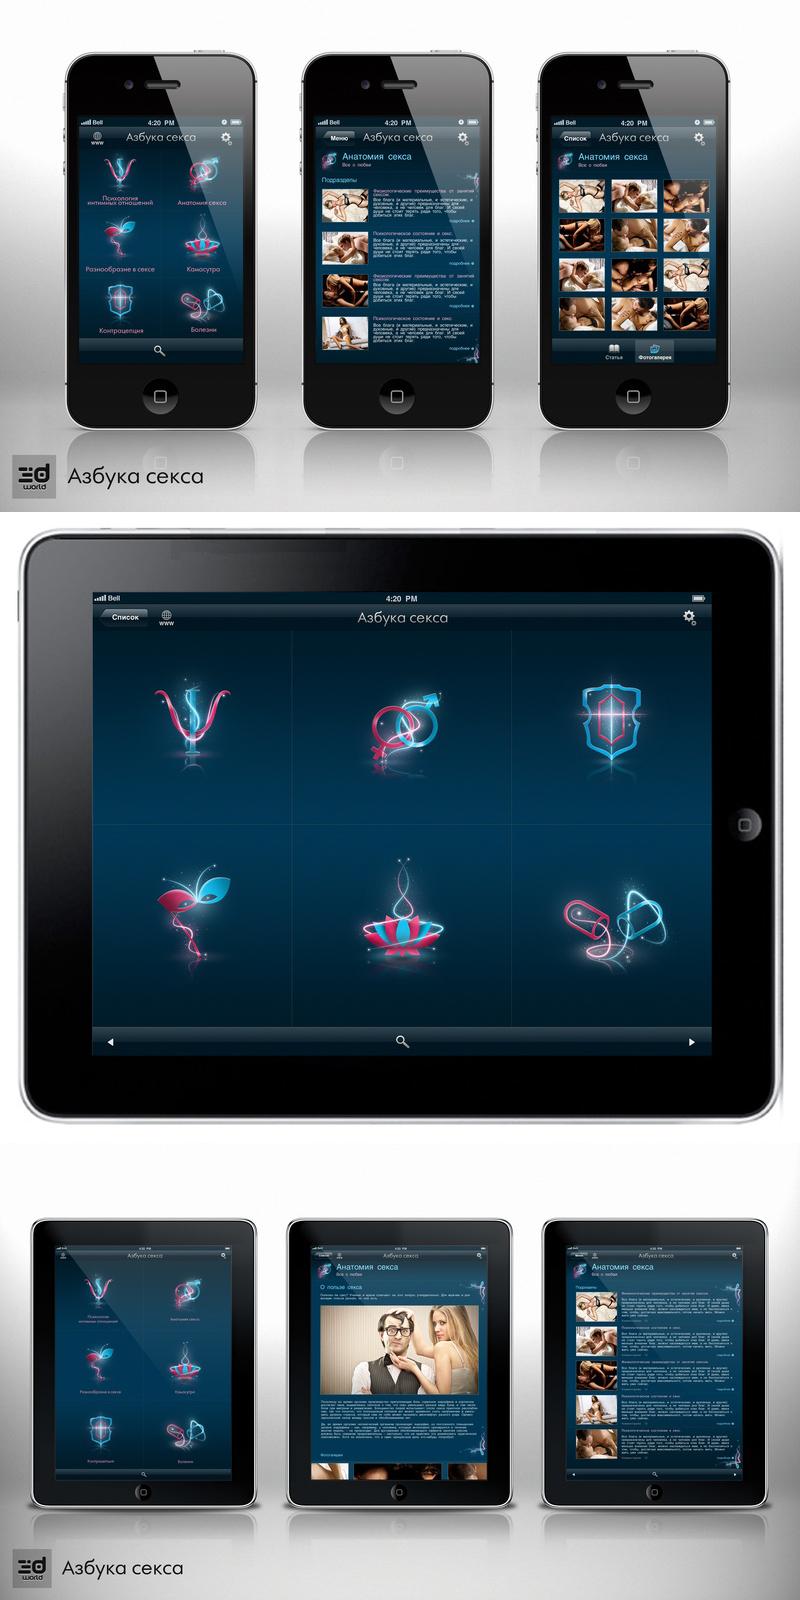 Дизайн приложения азбука секса (камасутра)